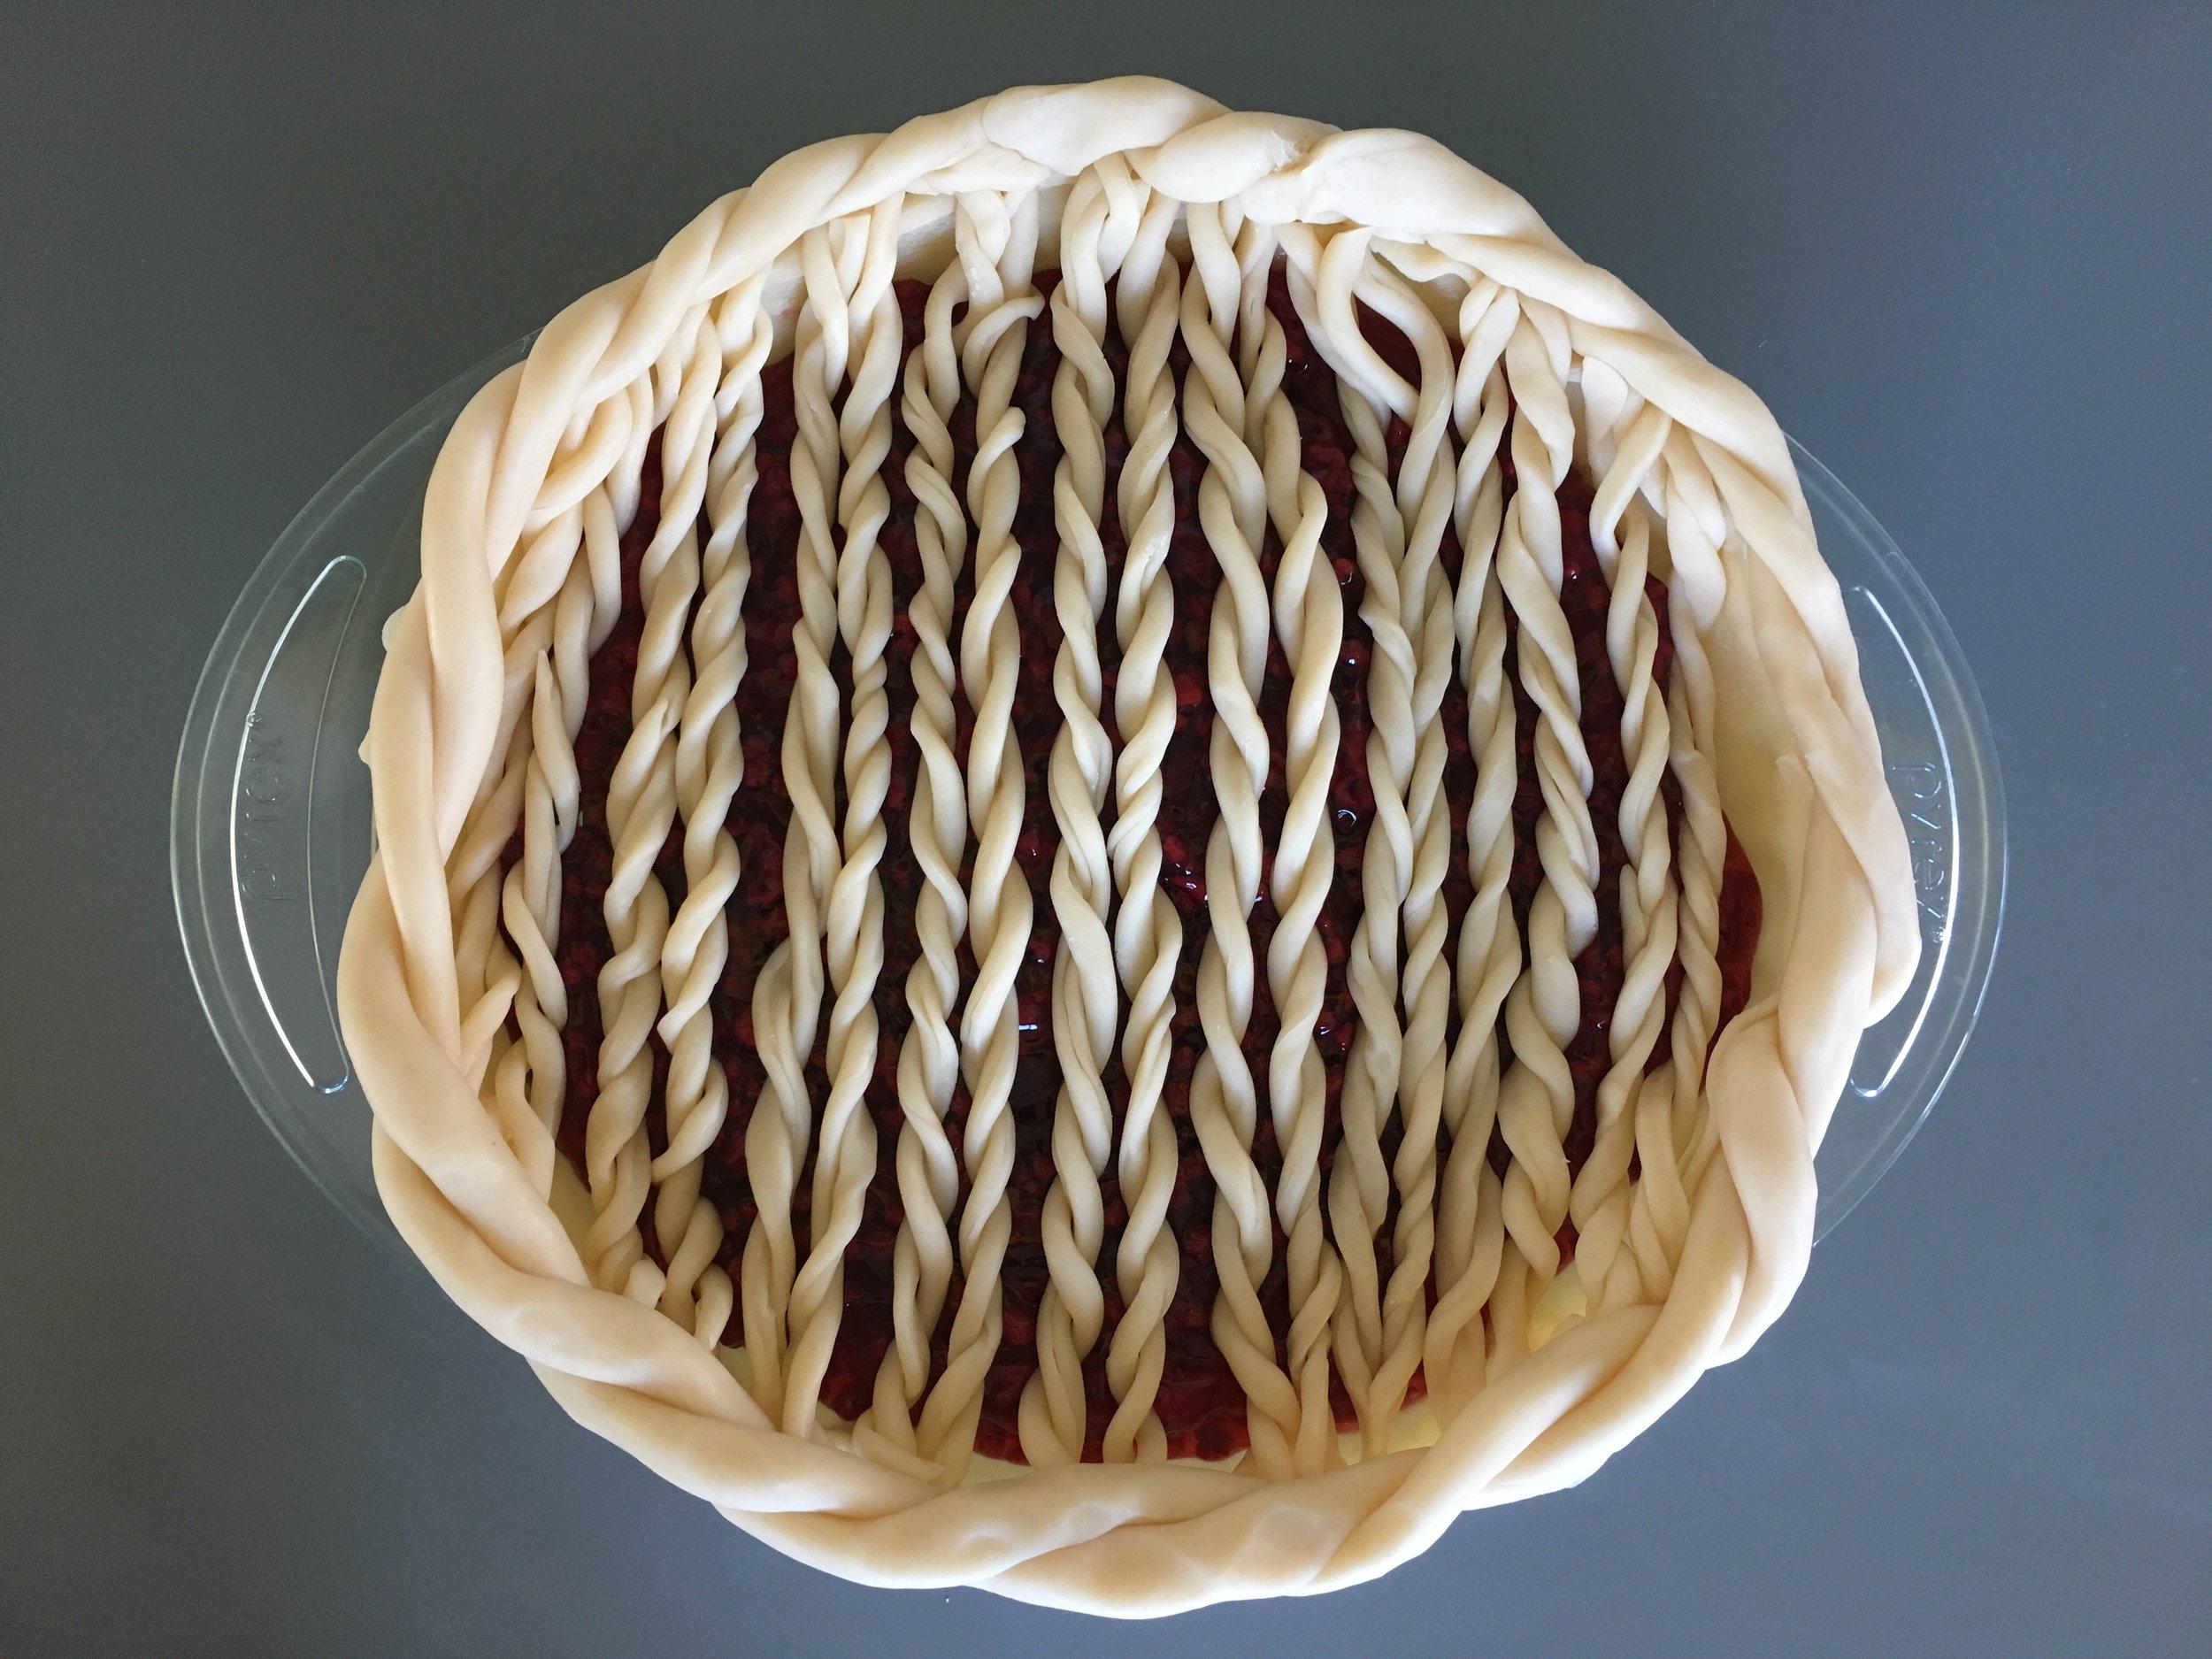 knittedpiecrust2.jpg